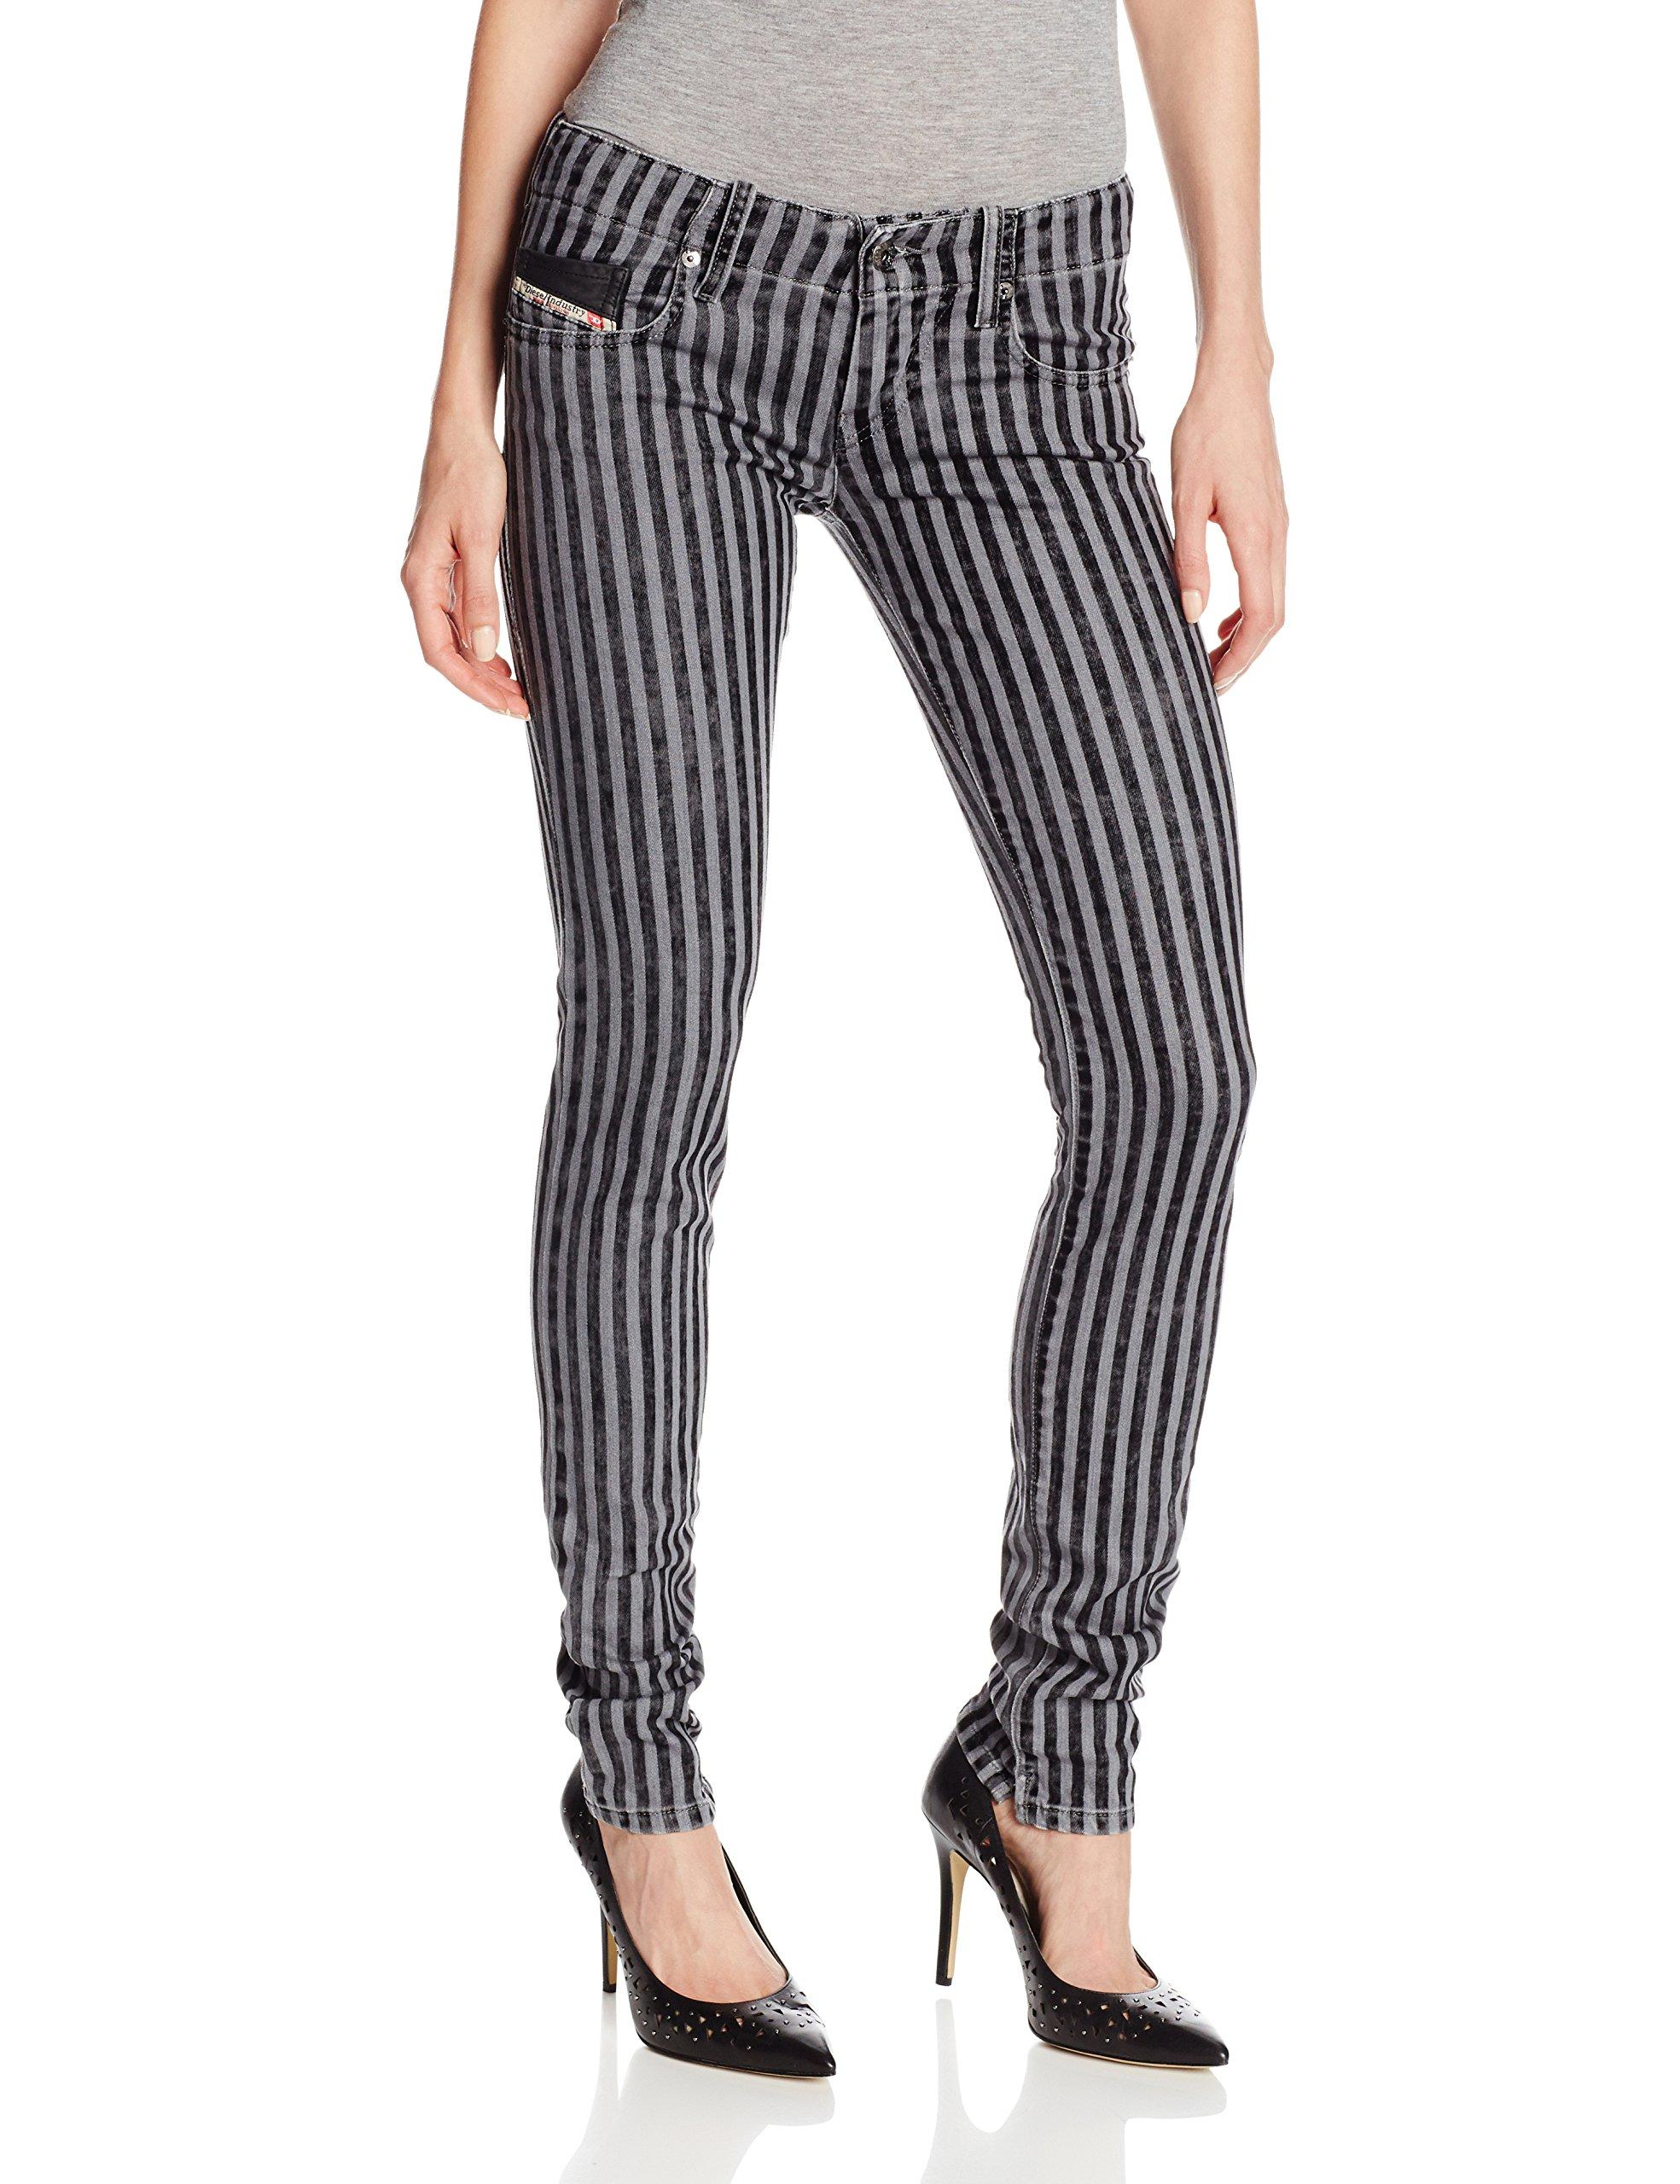 Diesel Women's Grupee Jean In Stripe Print, Stripe, 27x32